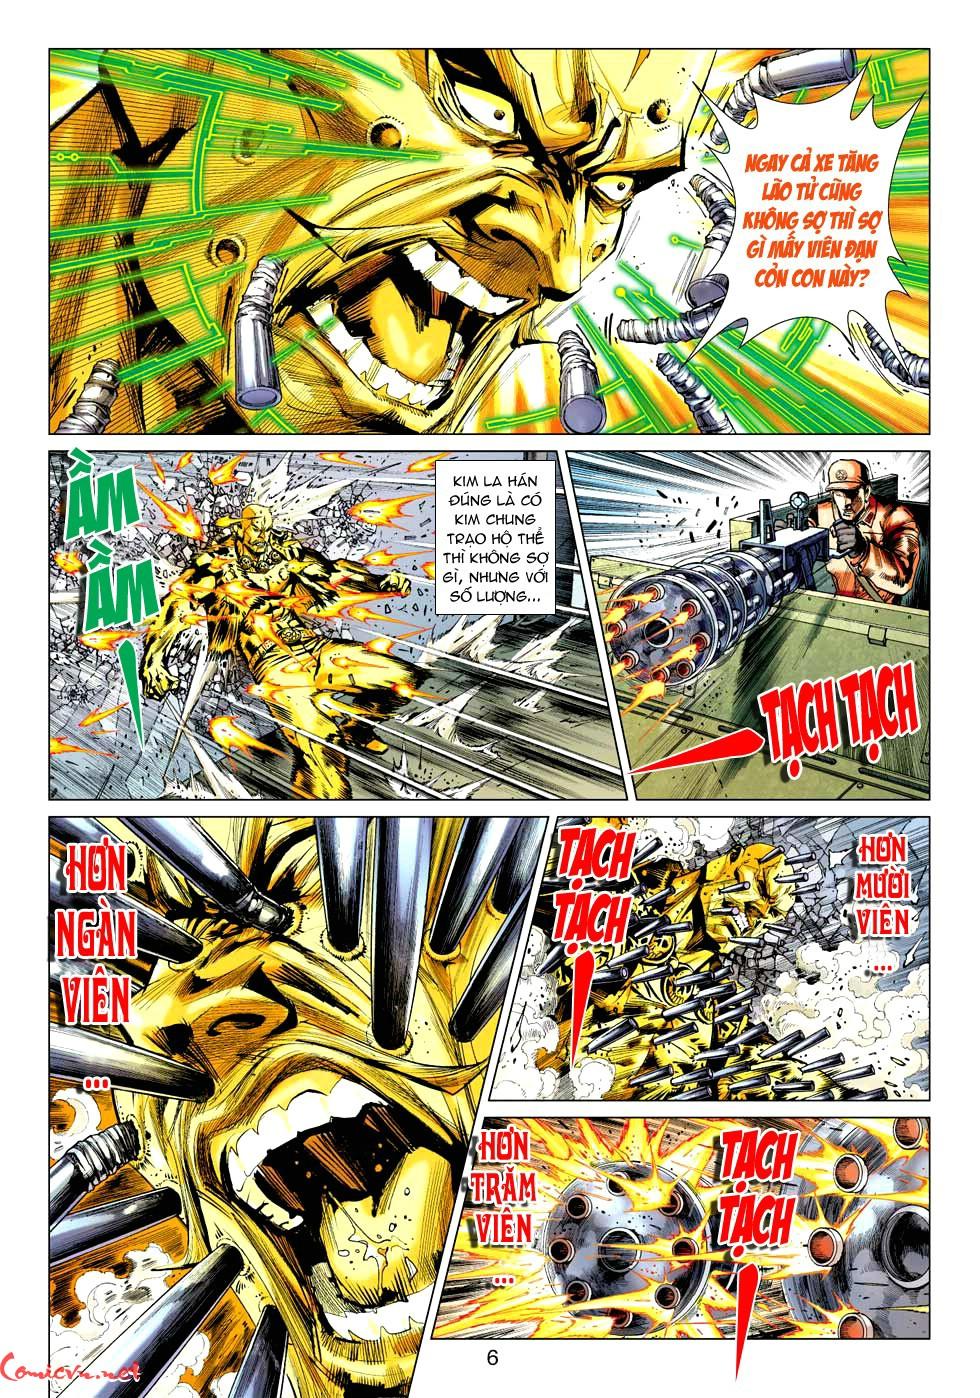 Vương Phong Lôi 1 chap 49 - Trang 6